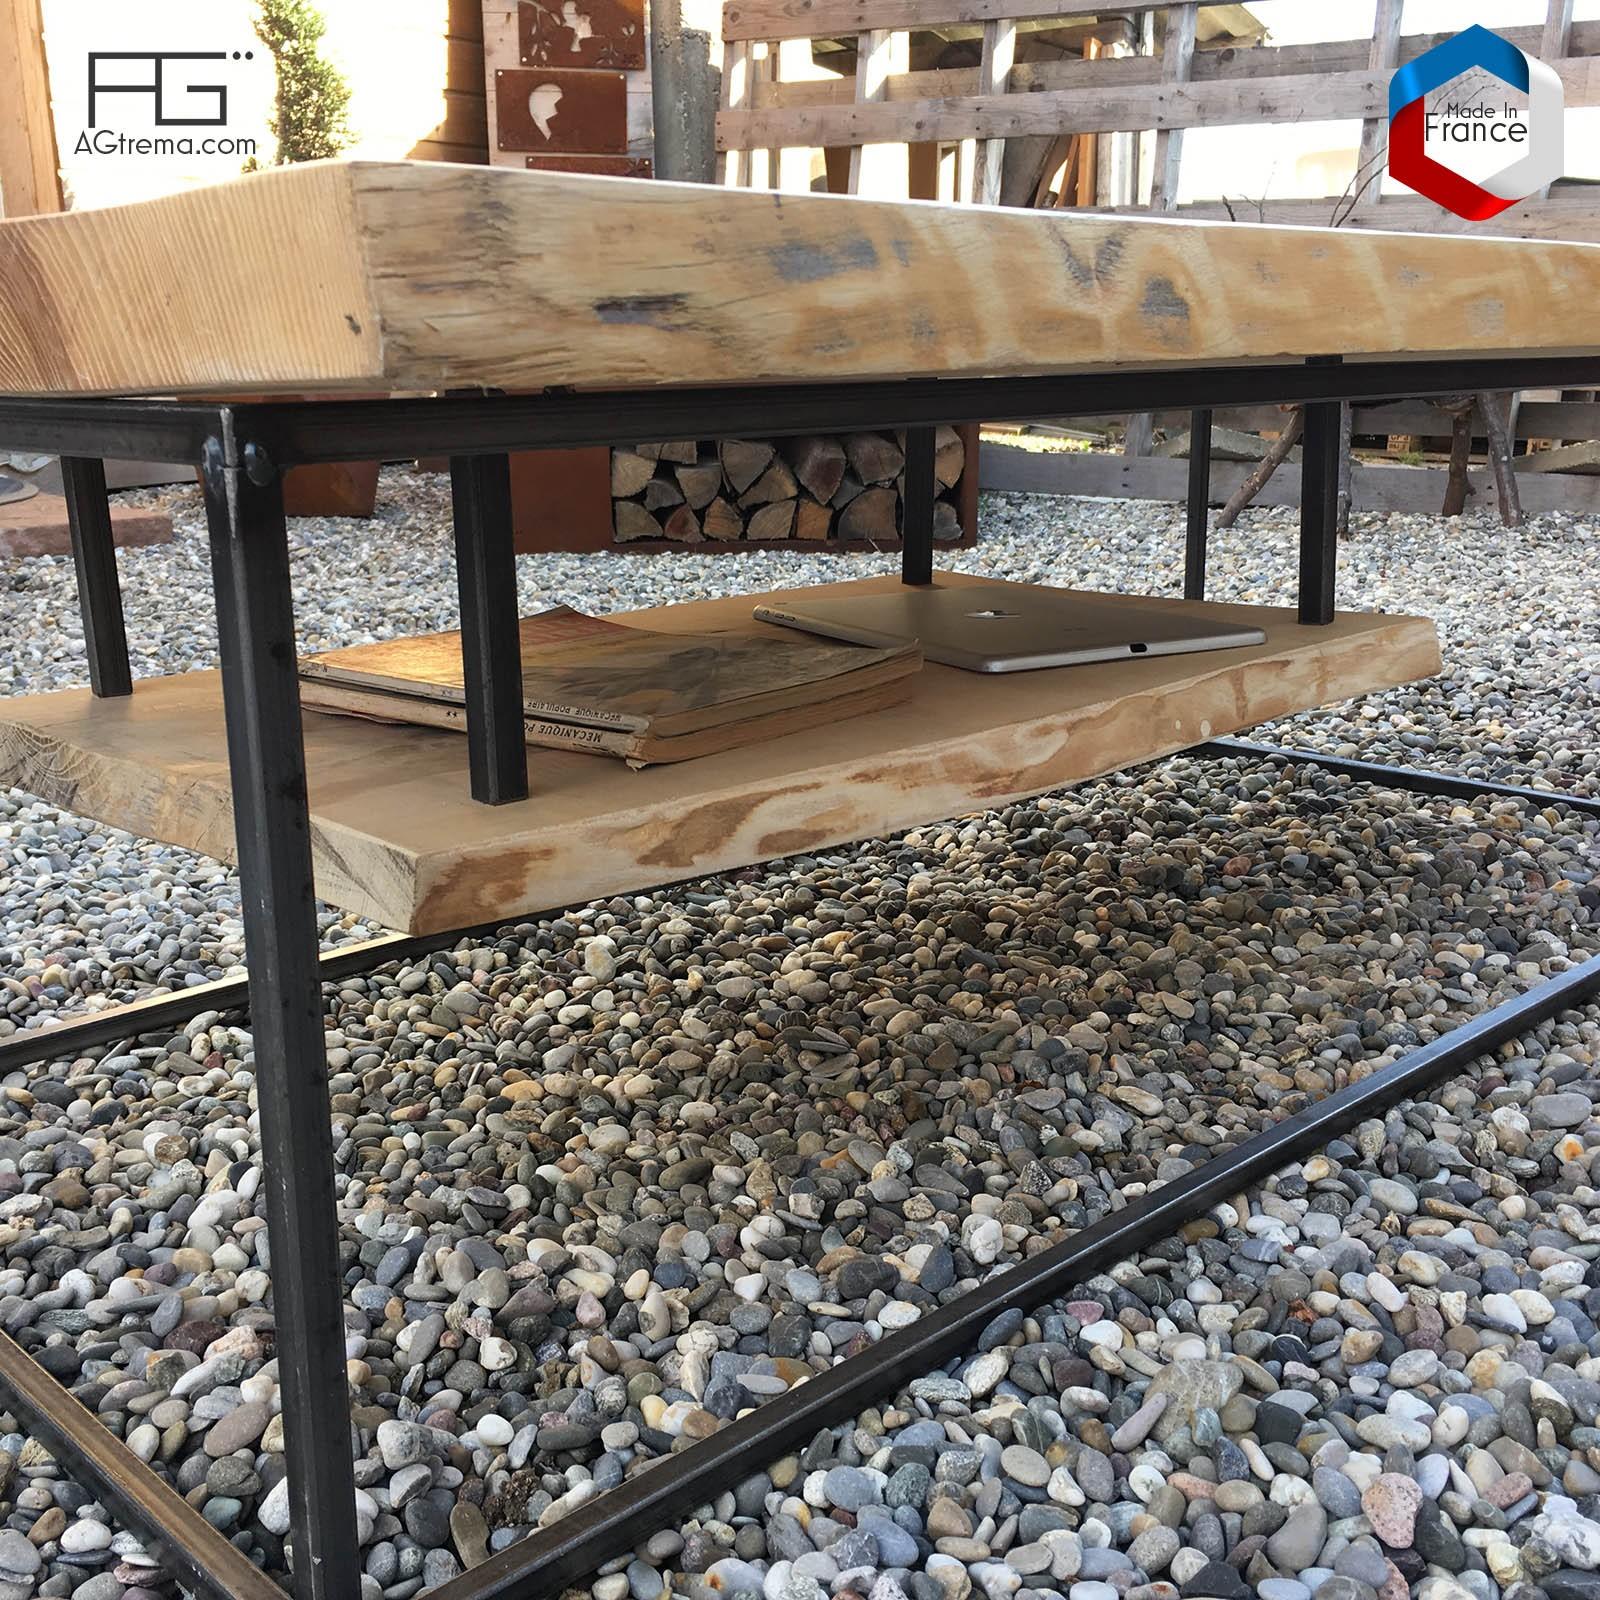 Table Basse Axis P Acier Bois Live Edge Planche Brute Agtrema